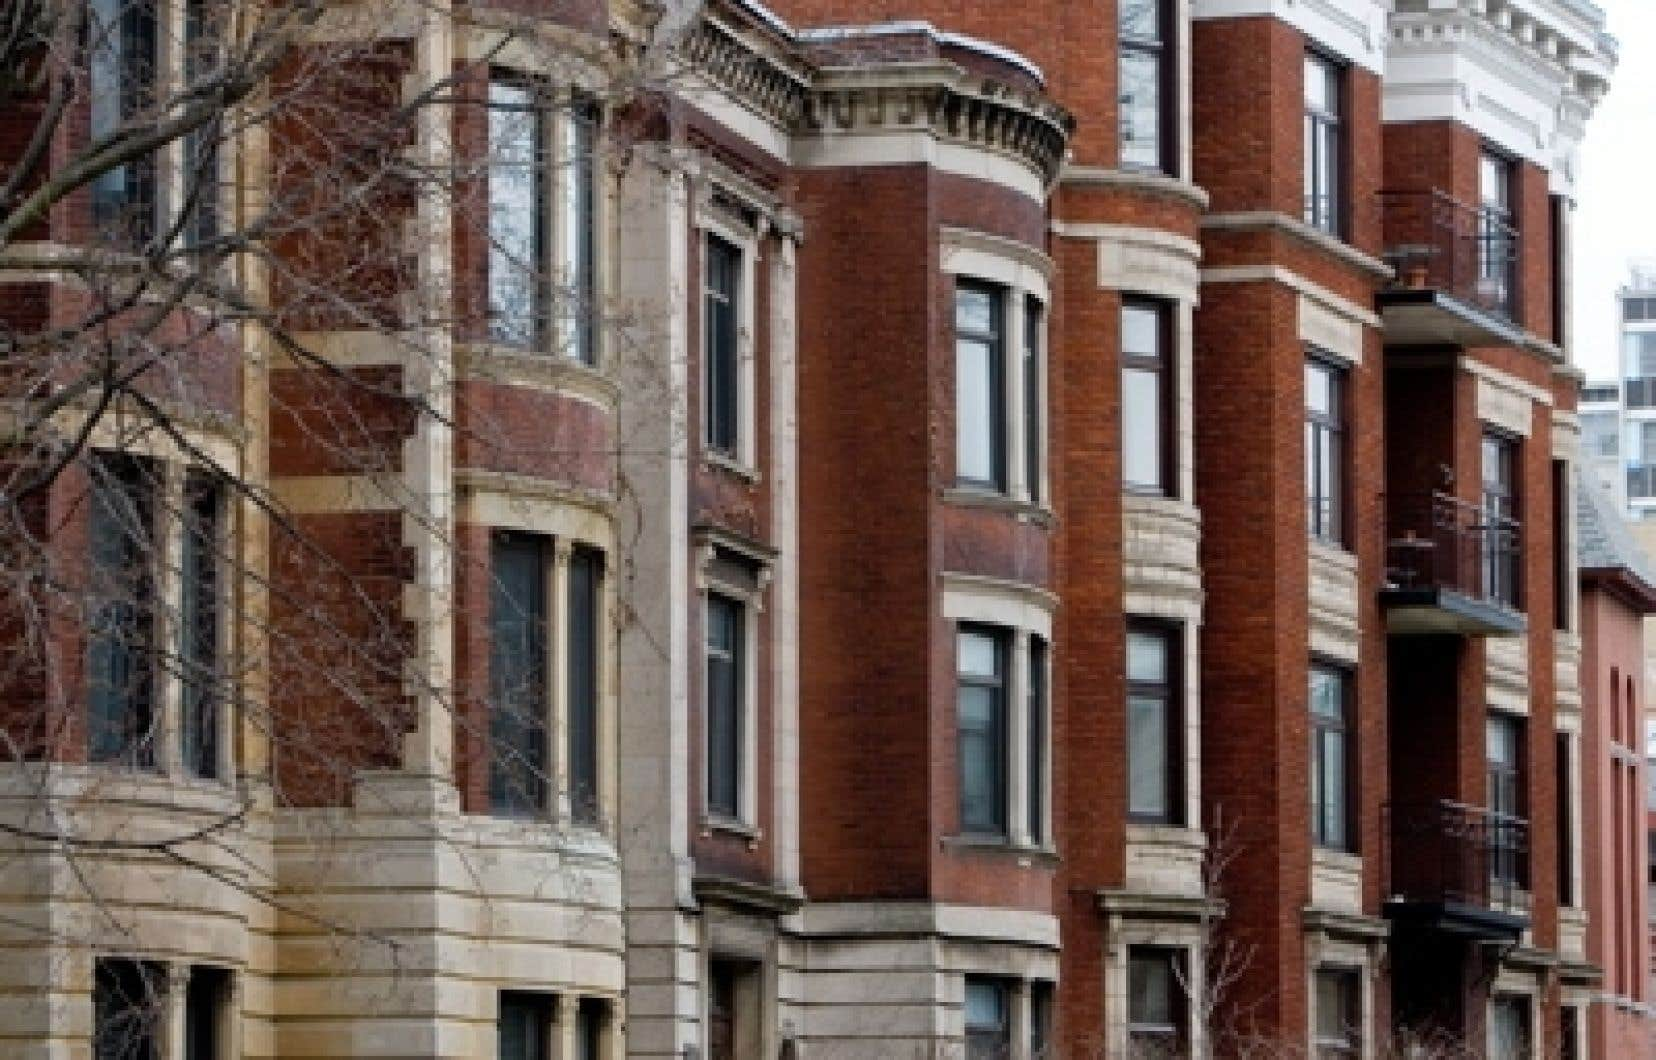 Selon l'étude, présentée hier dans le cadre d'une conférence sur les prévisions annuelles de la SCHL, depuis le milieu des années 90, il s'achète en moyenne 113 000 propriétés.